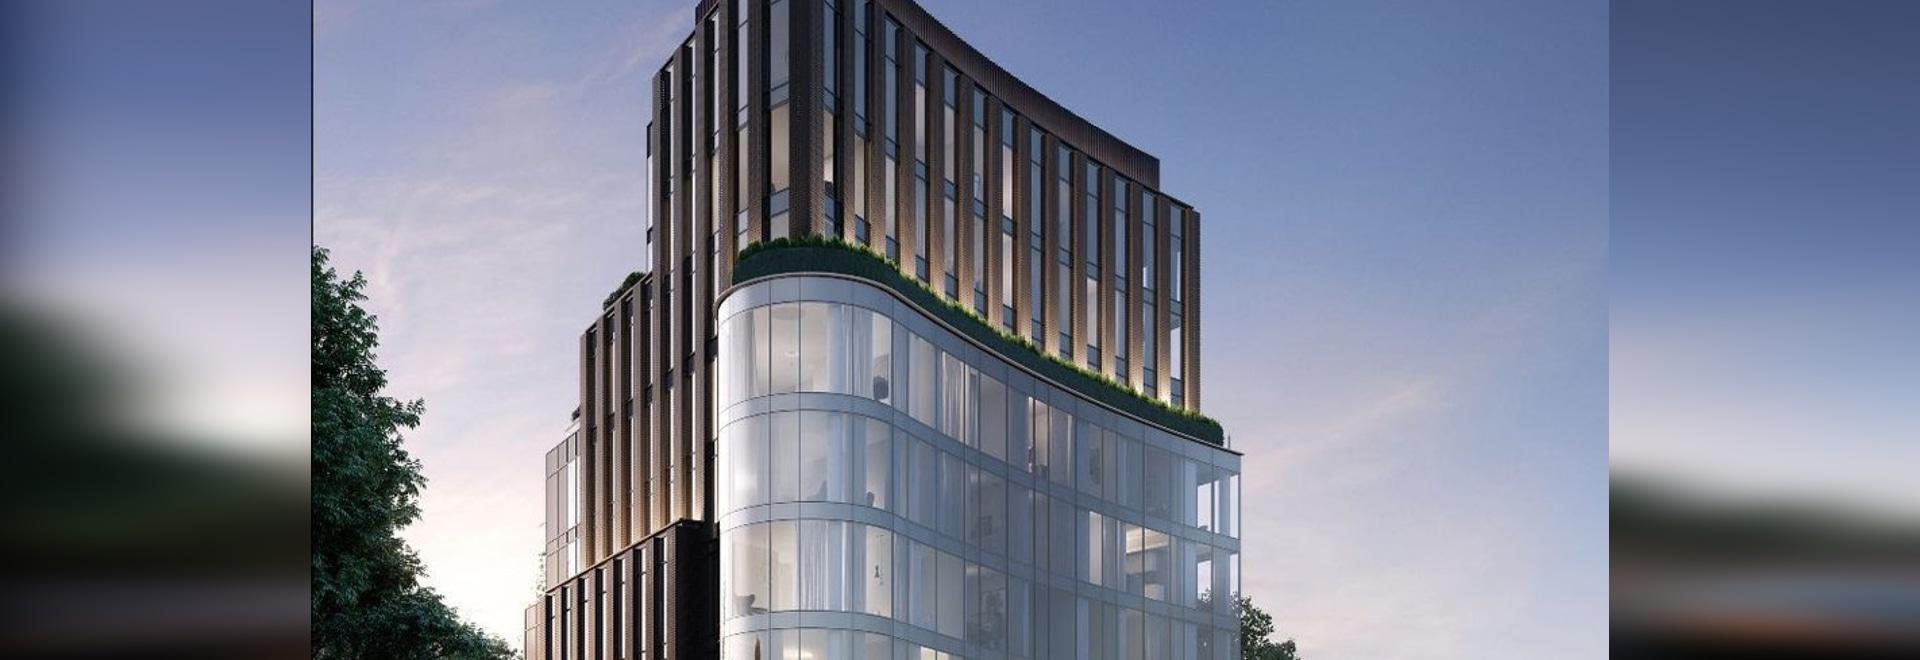 Giannone Petricone Associates progetta boutique residenziali a Toronto